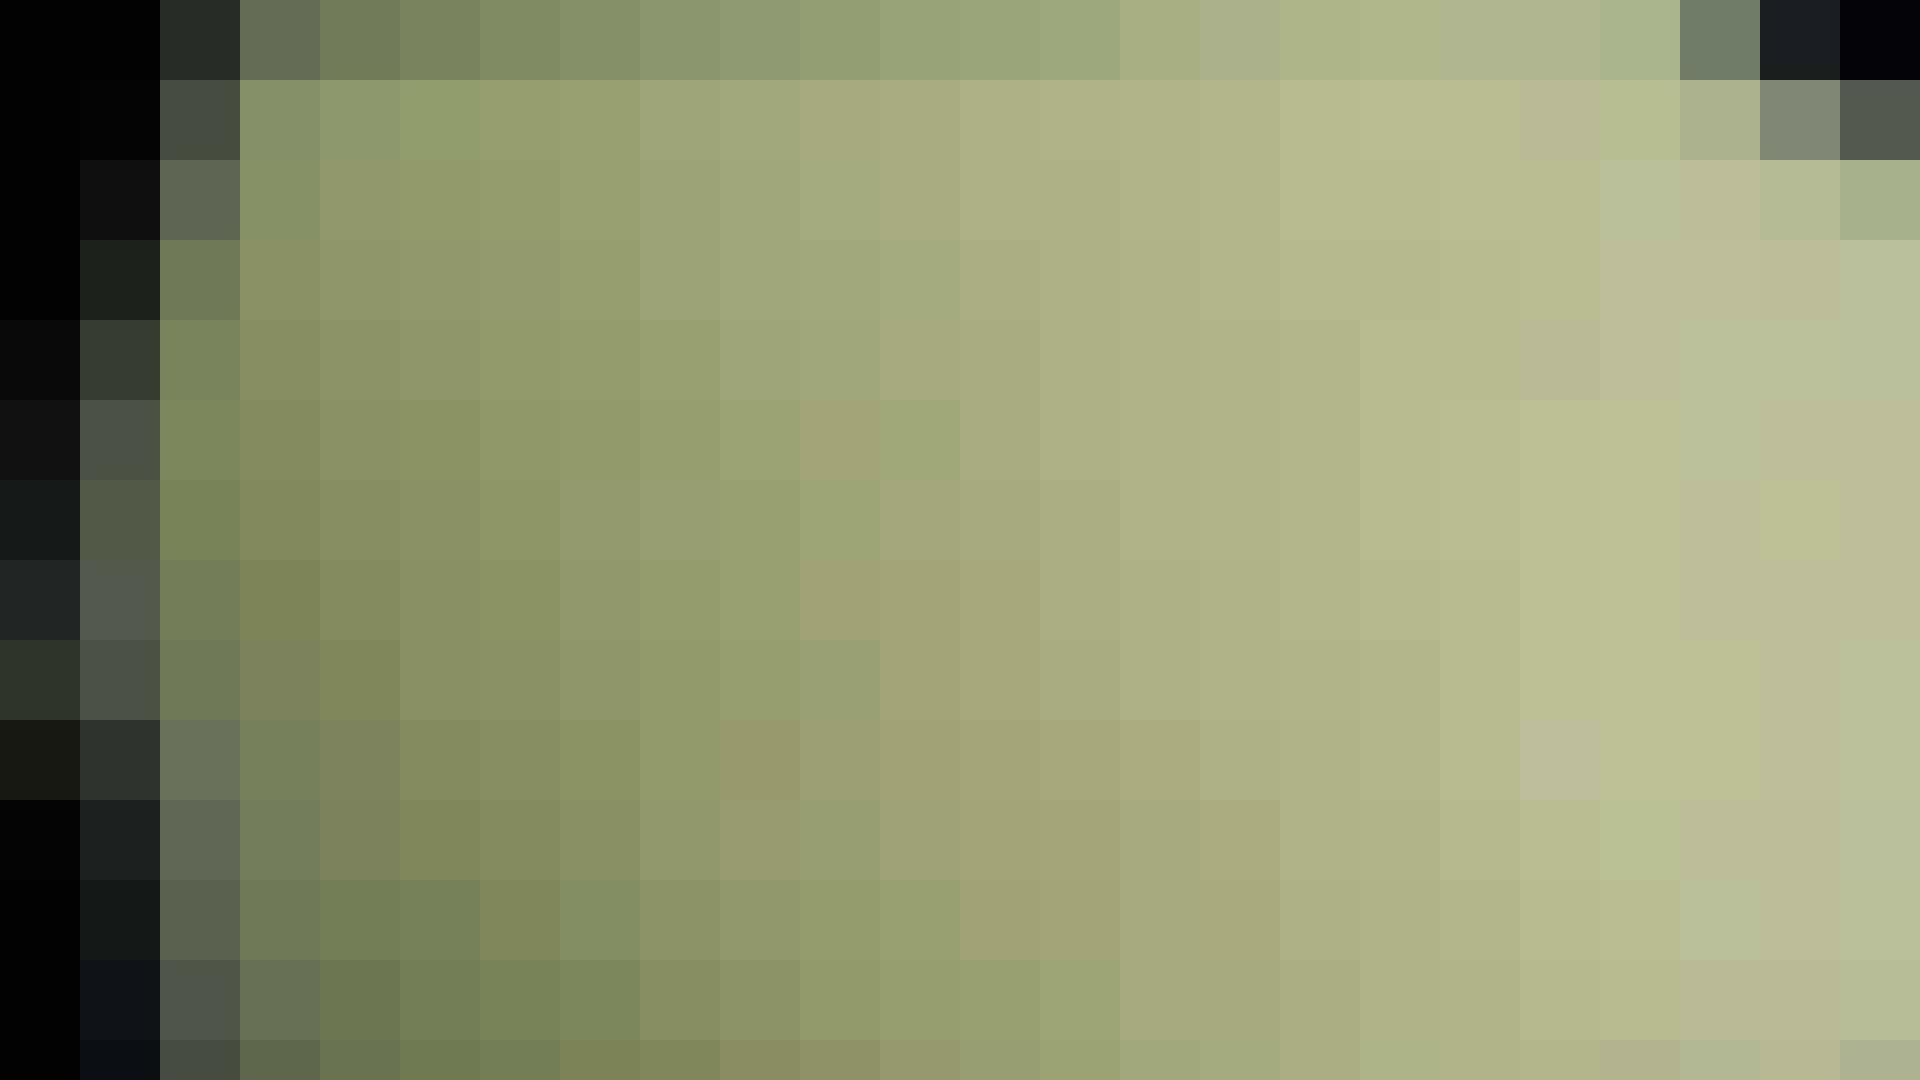 【美しき個室な世界】 vol.017 (゜∀゜) OLの実態 | 洗面所  24pic 13